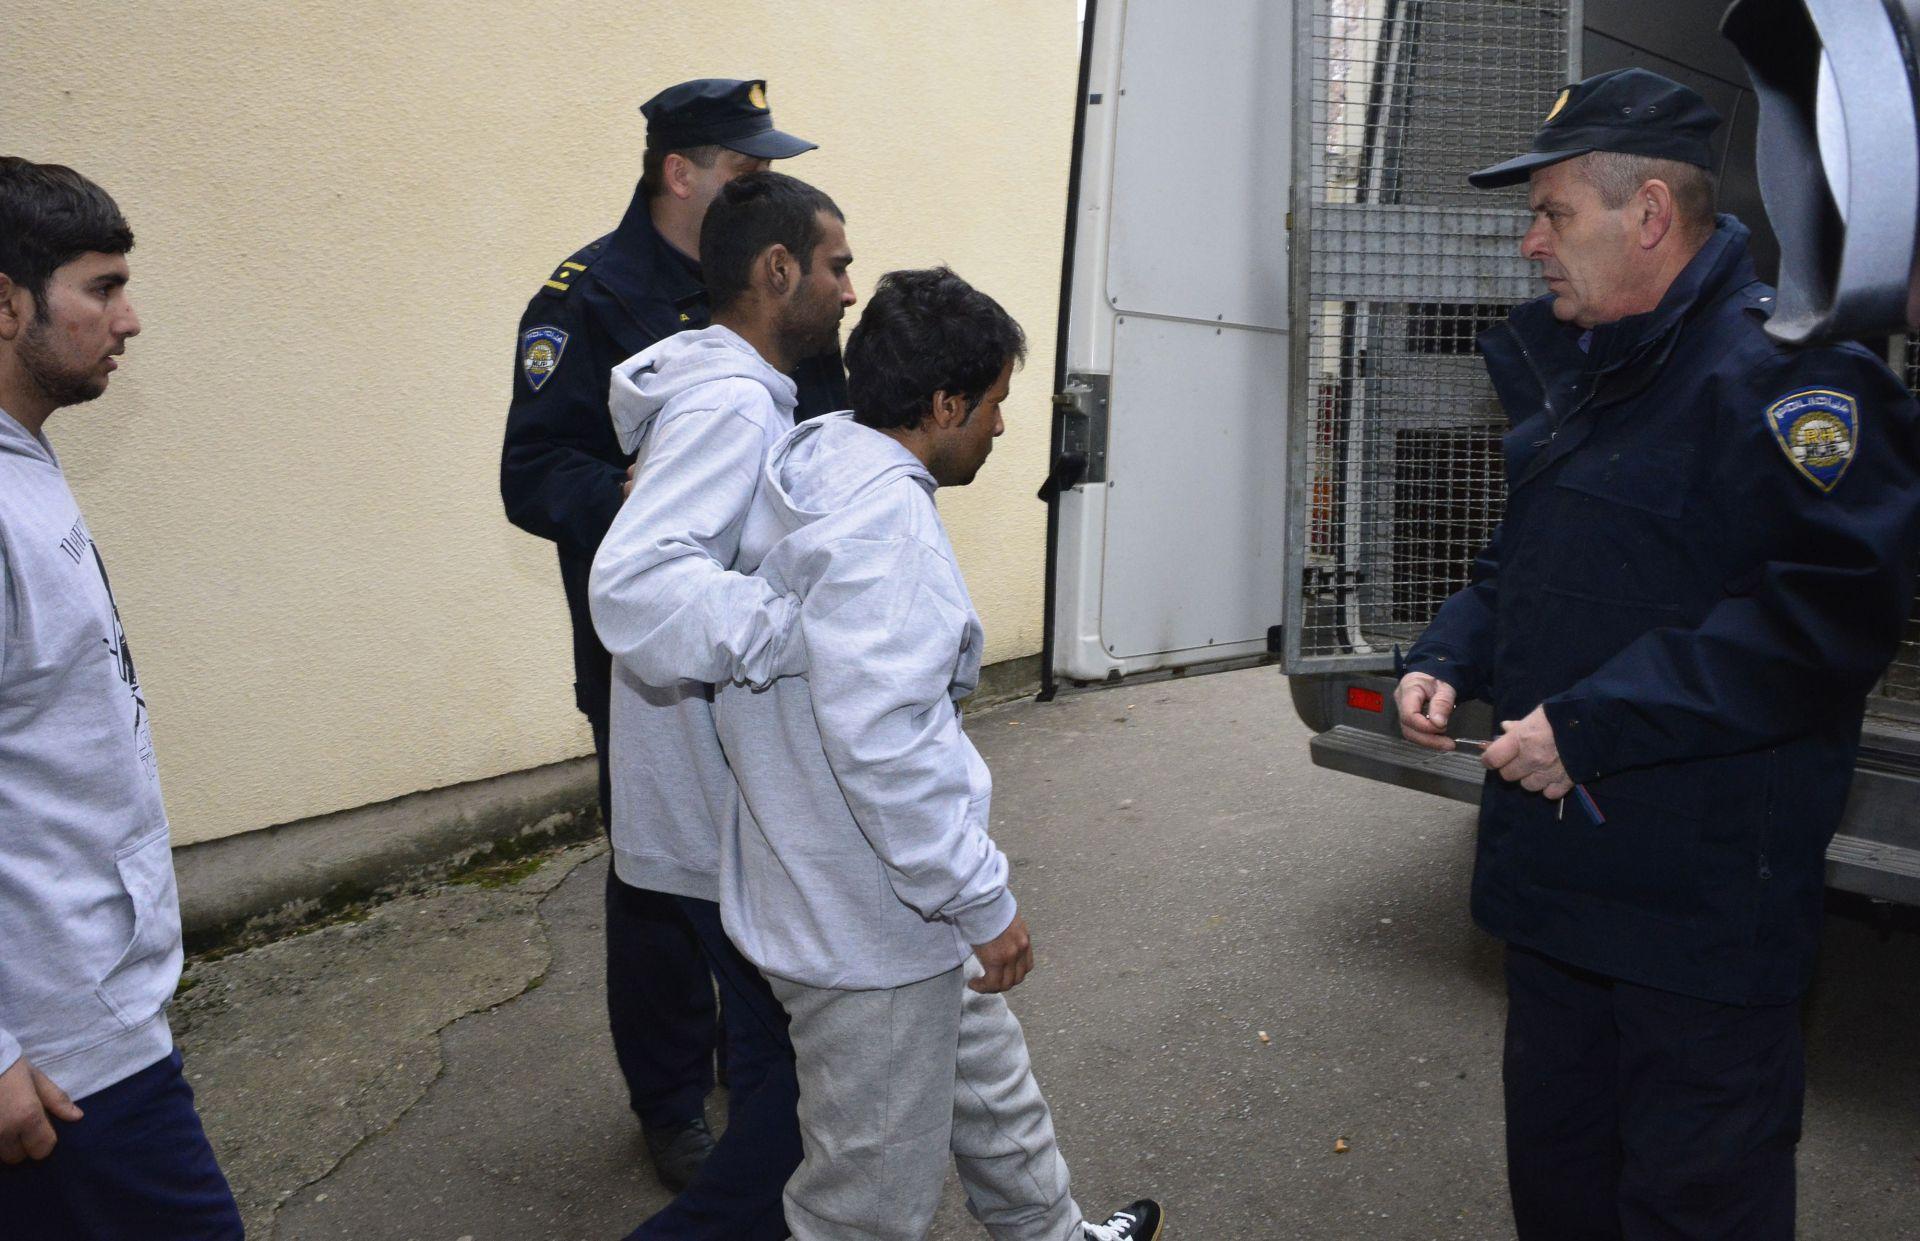 ODREĐEN JEDNOMJESEČNI PRITVOR: Prevozili migrante za 4.000 eura, prijeti im kazna zatvora od osam godina